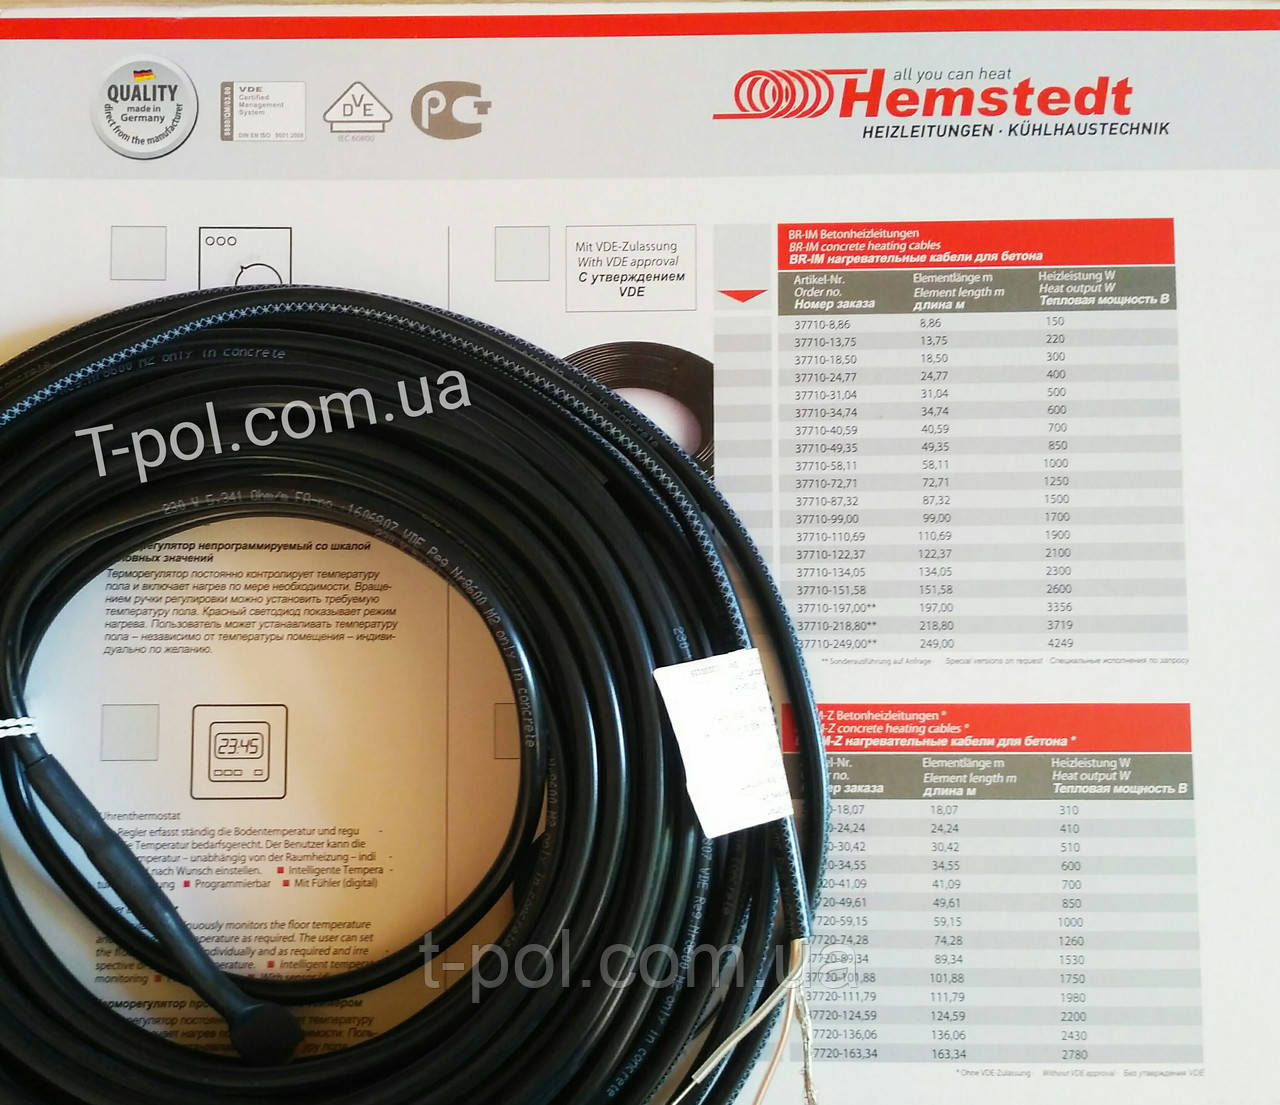 Двожильний екранований кабель на 4,5 м2 теплої підлоги br-im 700 вт 40,6 м Hemstedt Німеччина